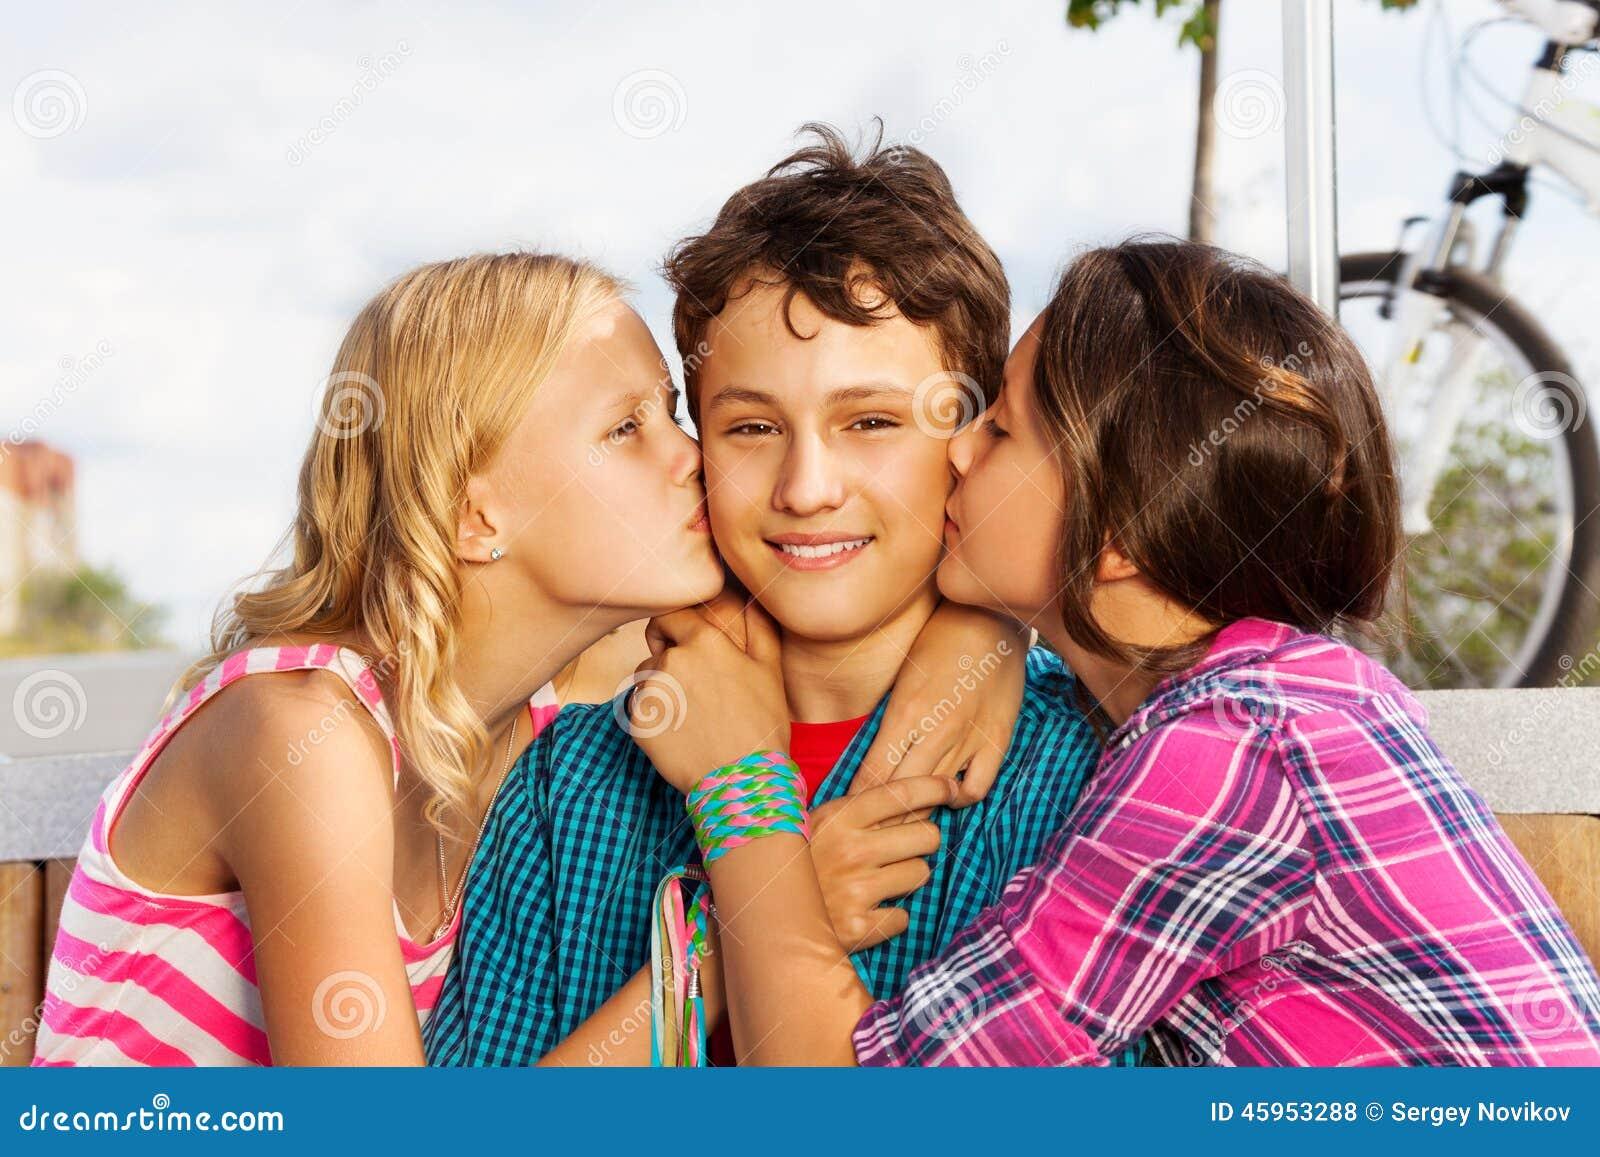 Zwei Schöne Mädchen, Die Lächeln Ein Netter Junge Küssen